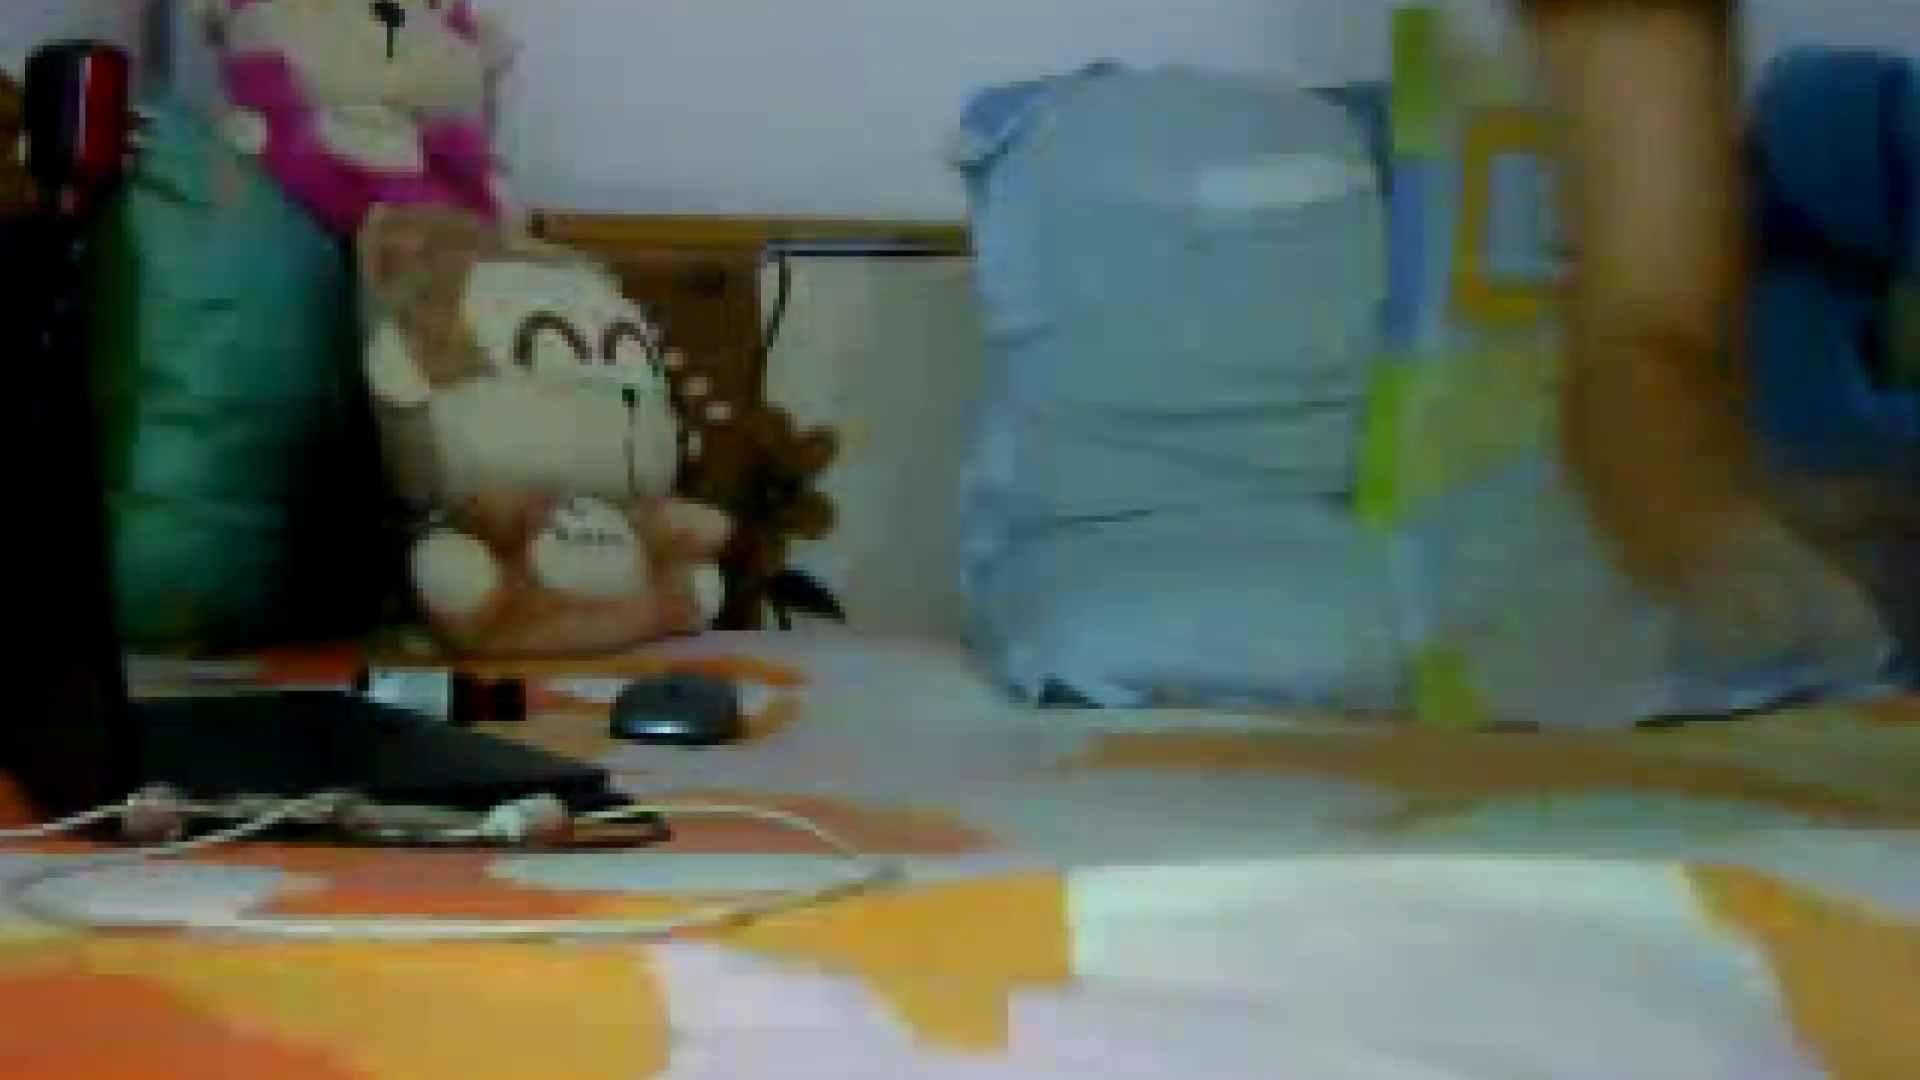 魅せろ!エロチャット!Vol.01 前編 エロ | ゲイのオナニー映像  107枚 91